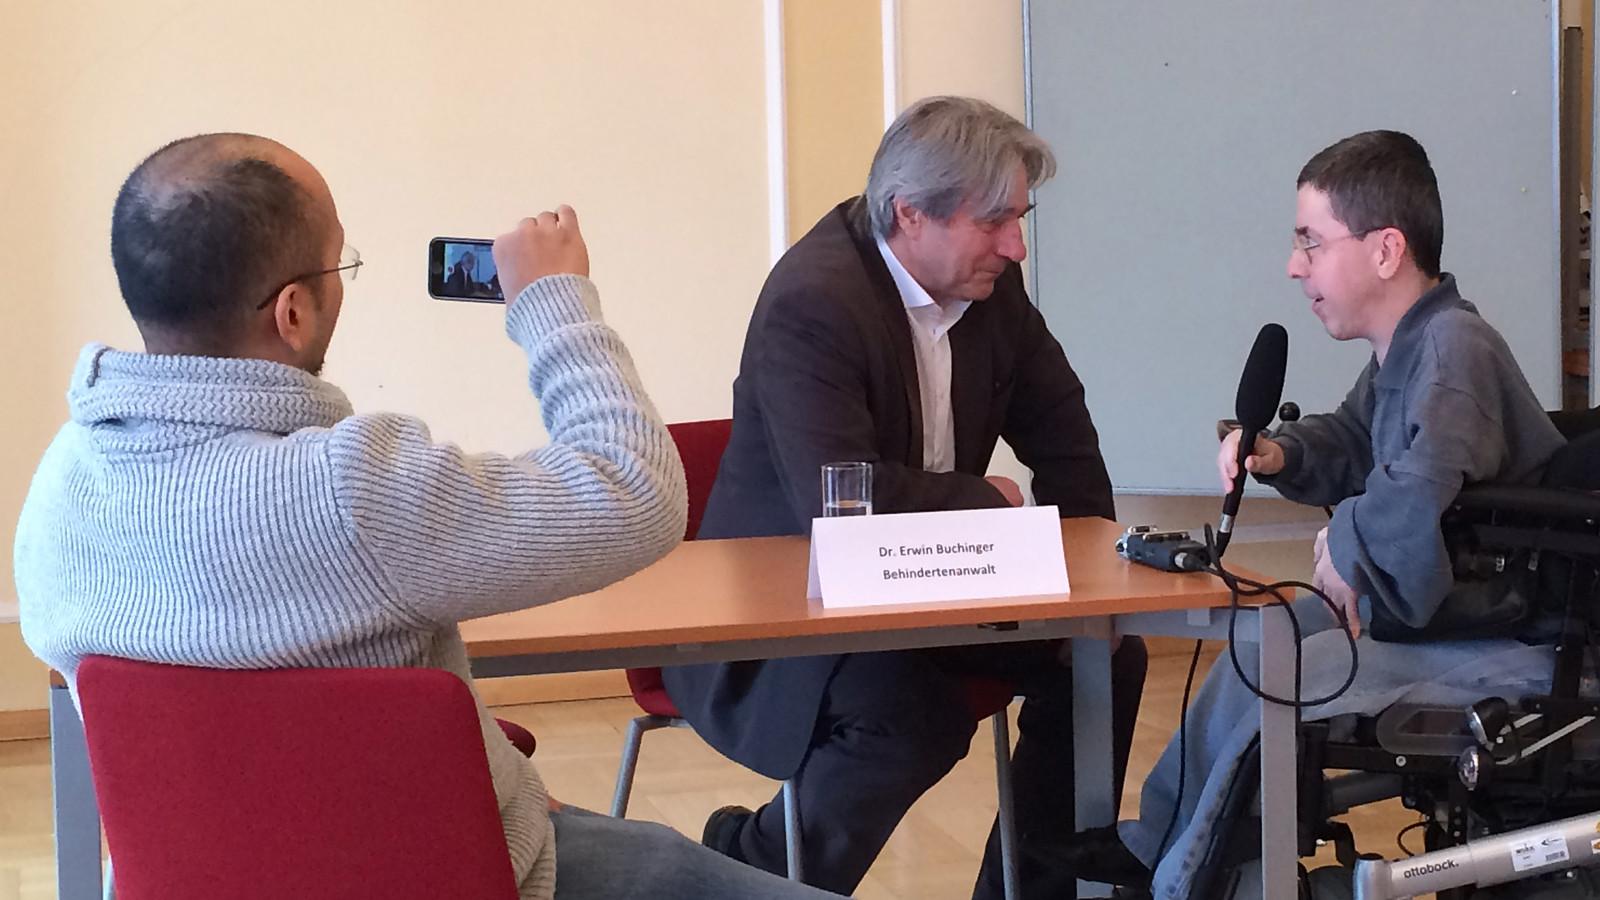 Interview mit Dr. Erwin Buchinger